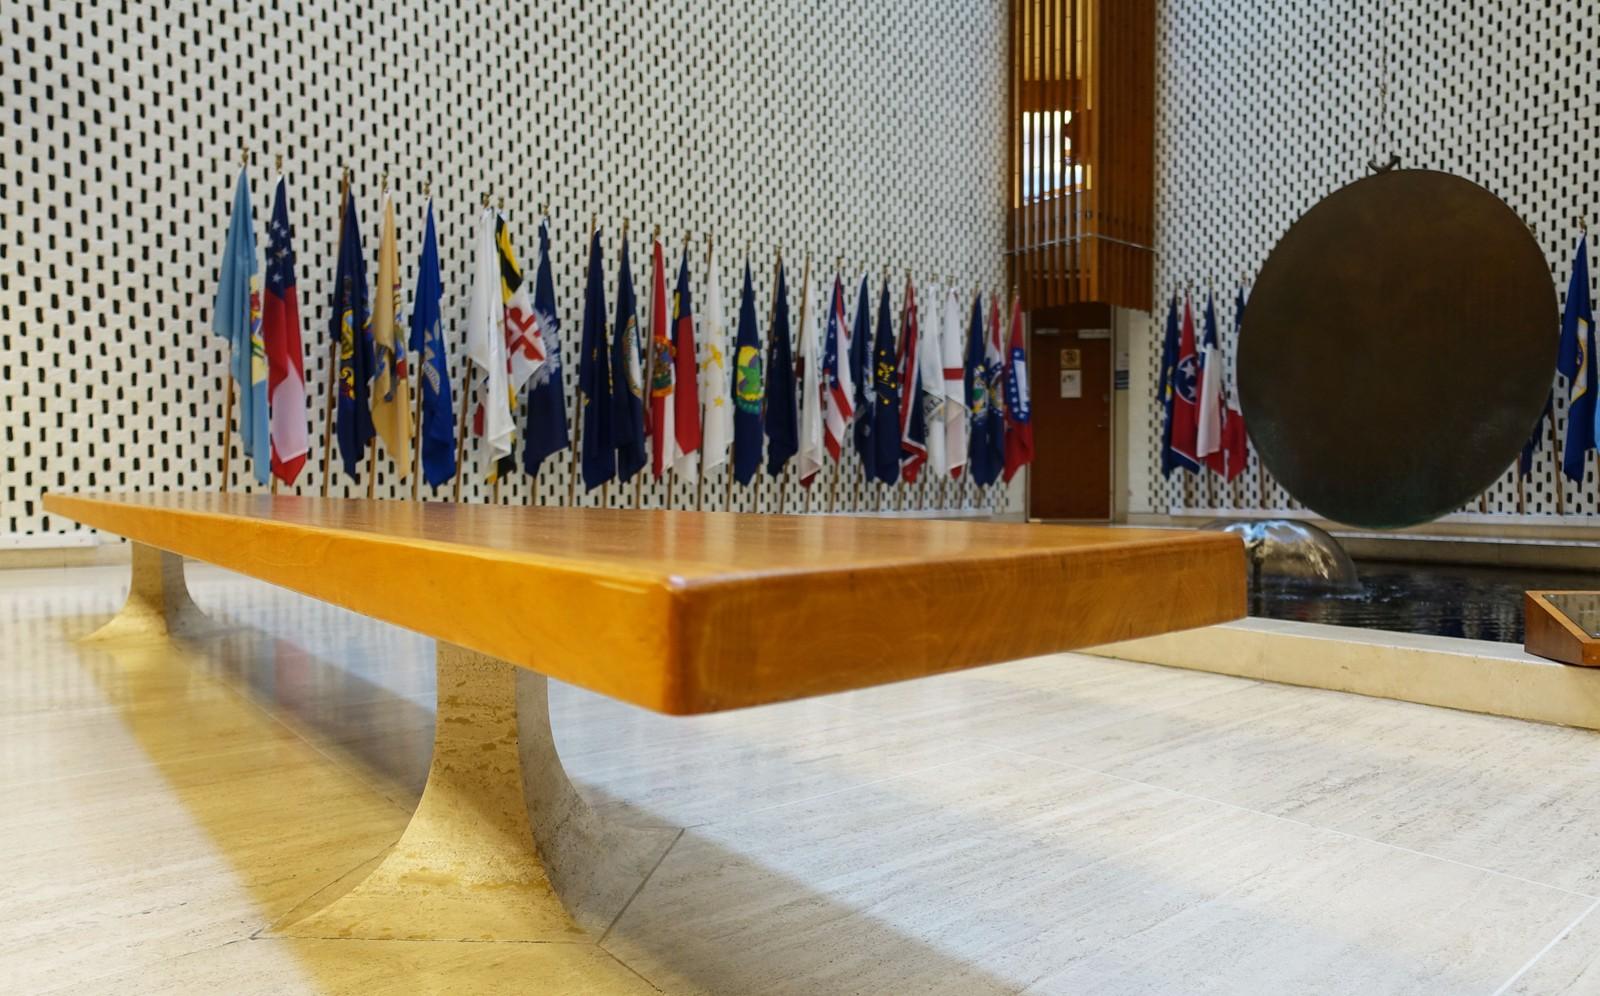 Alle møblene var spesialtegnet til bygget. - Detaljene er utsøkte, sier Morten Stige. Disse benkene reiser seg fra gulvet i det samme materialet som gulvet.